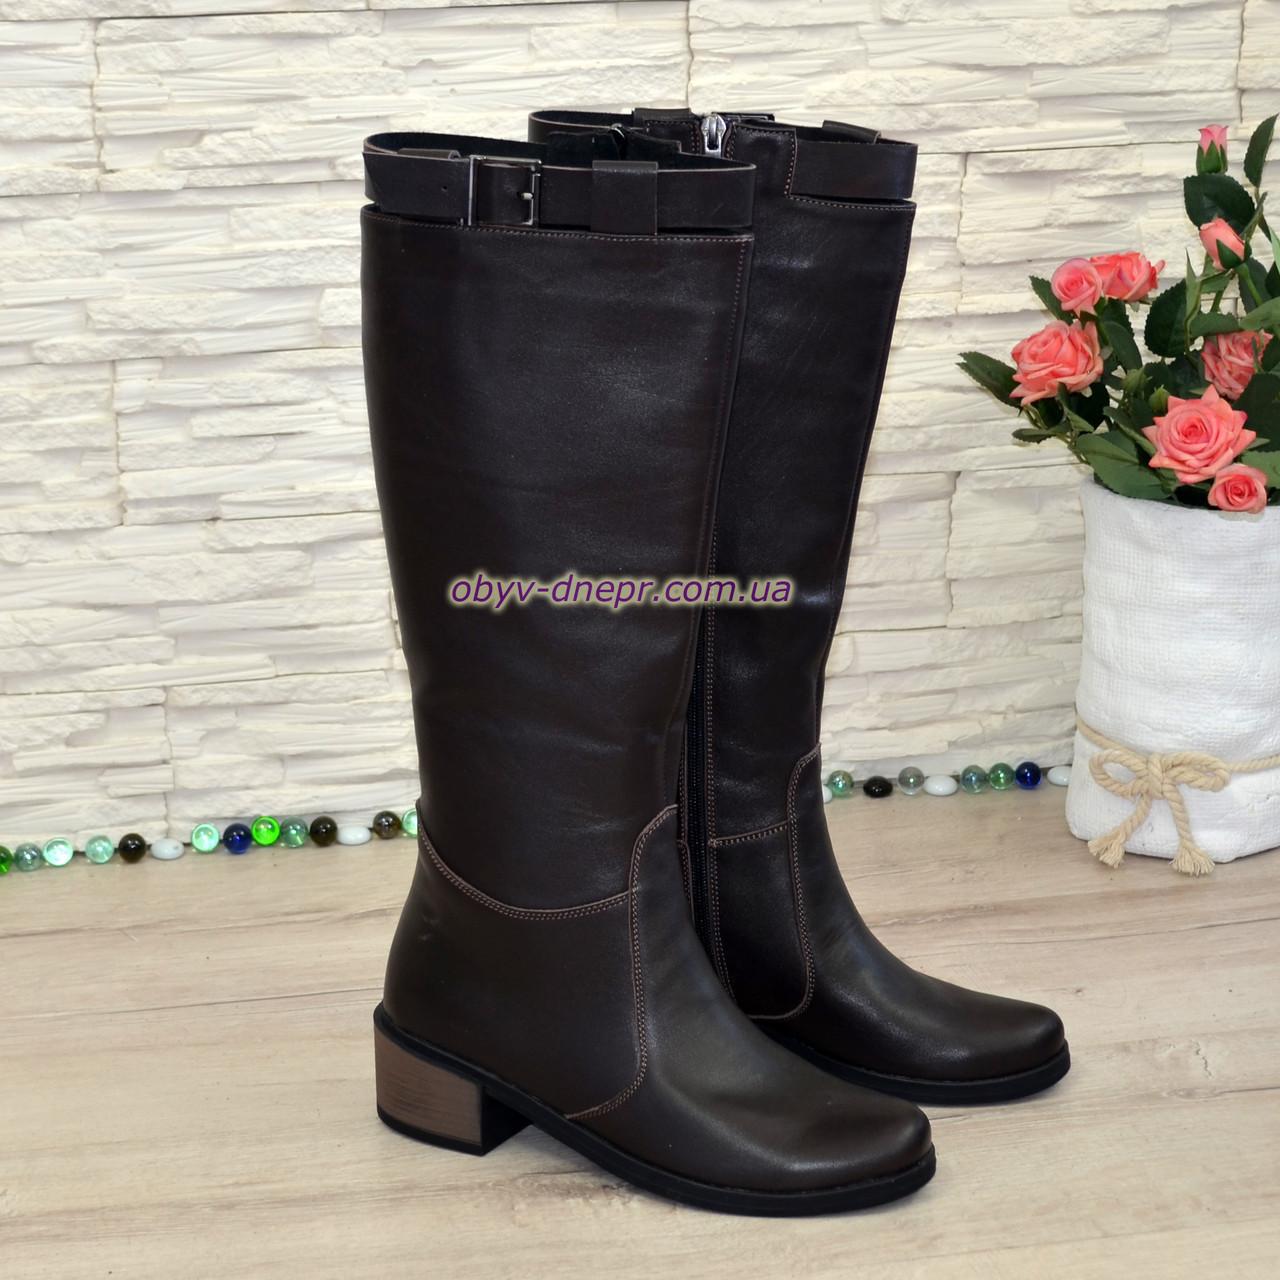 Сапоги коричневые женские зимние кожаные на невысоком устойчивом каблуке